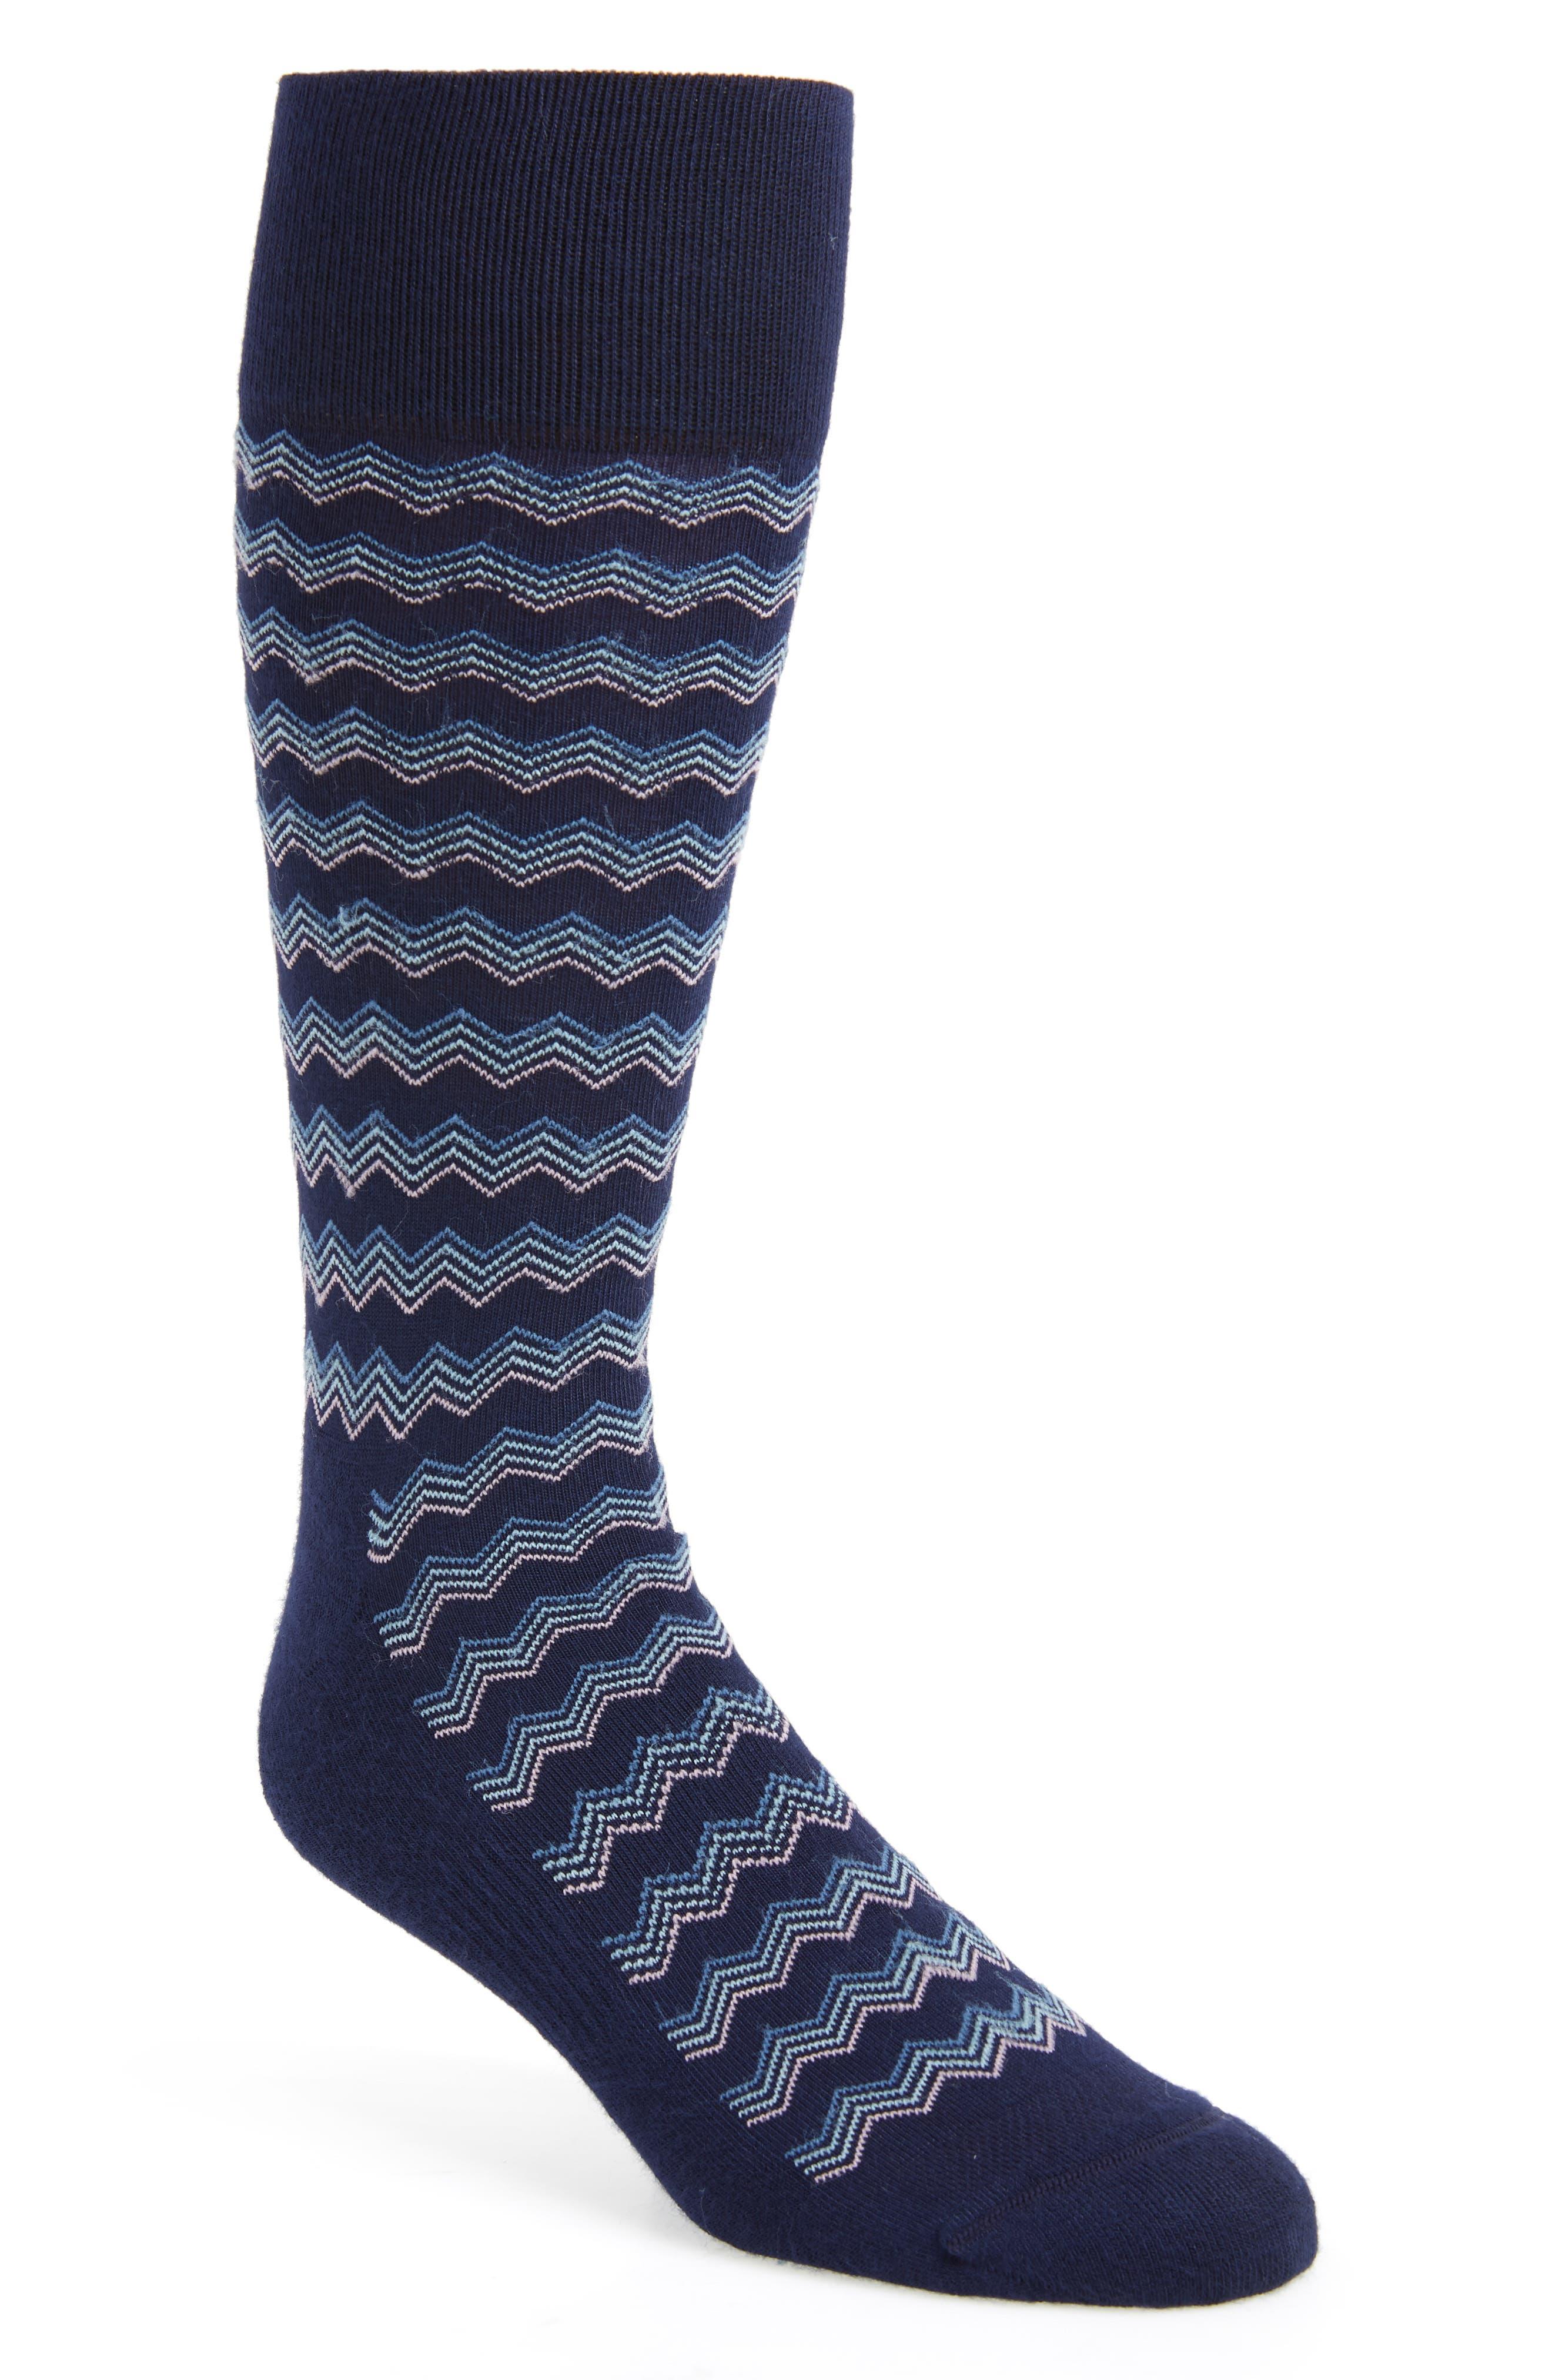 Stripe Socks,                         Main,                         color, NAVY/ BLUE